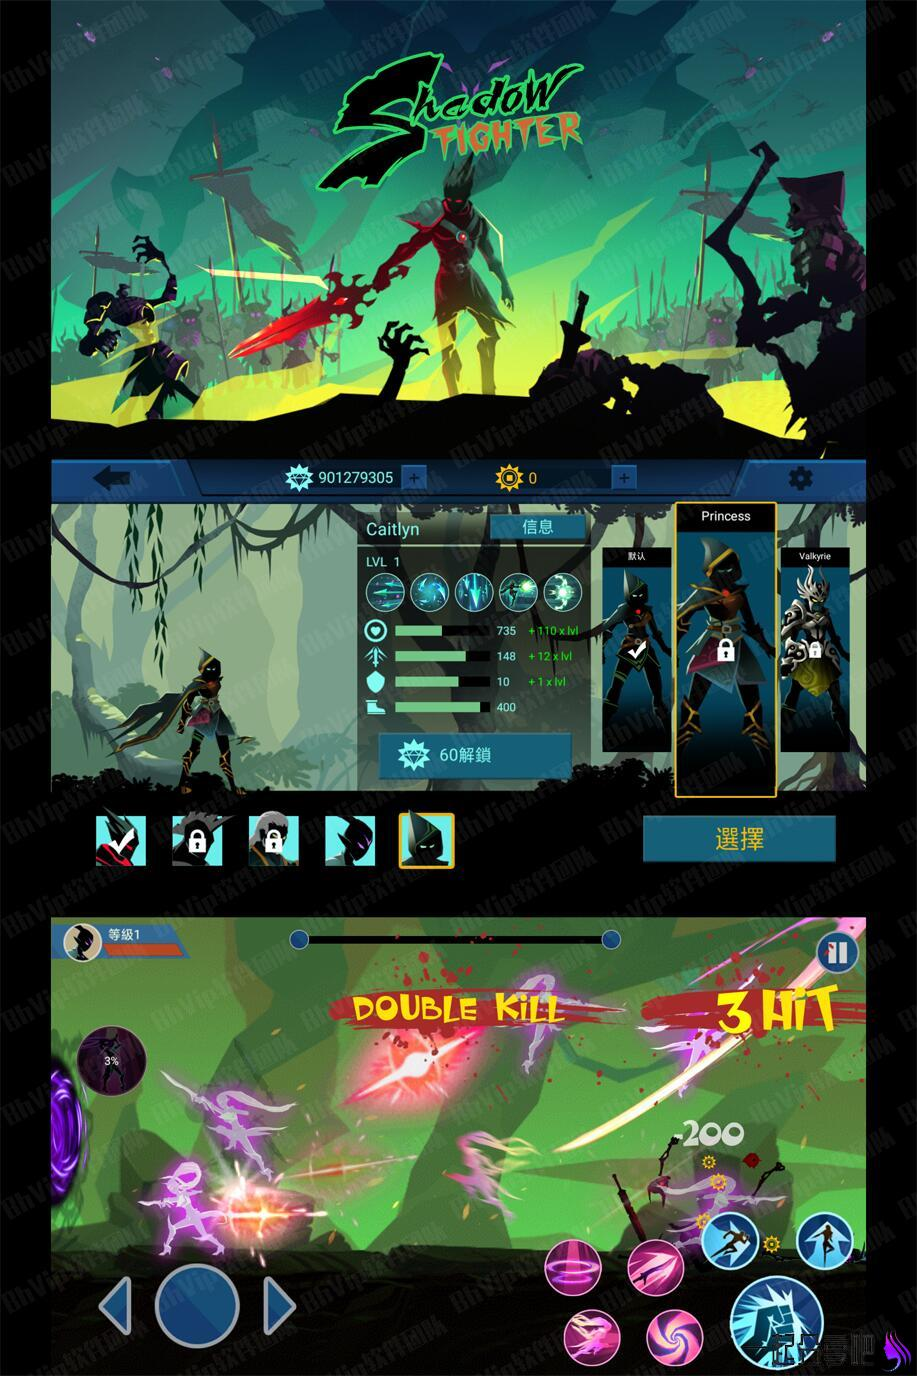 影子战士破解版 角色和技能超多的格斗闯关类游戏 第1张